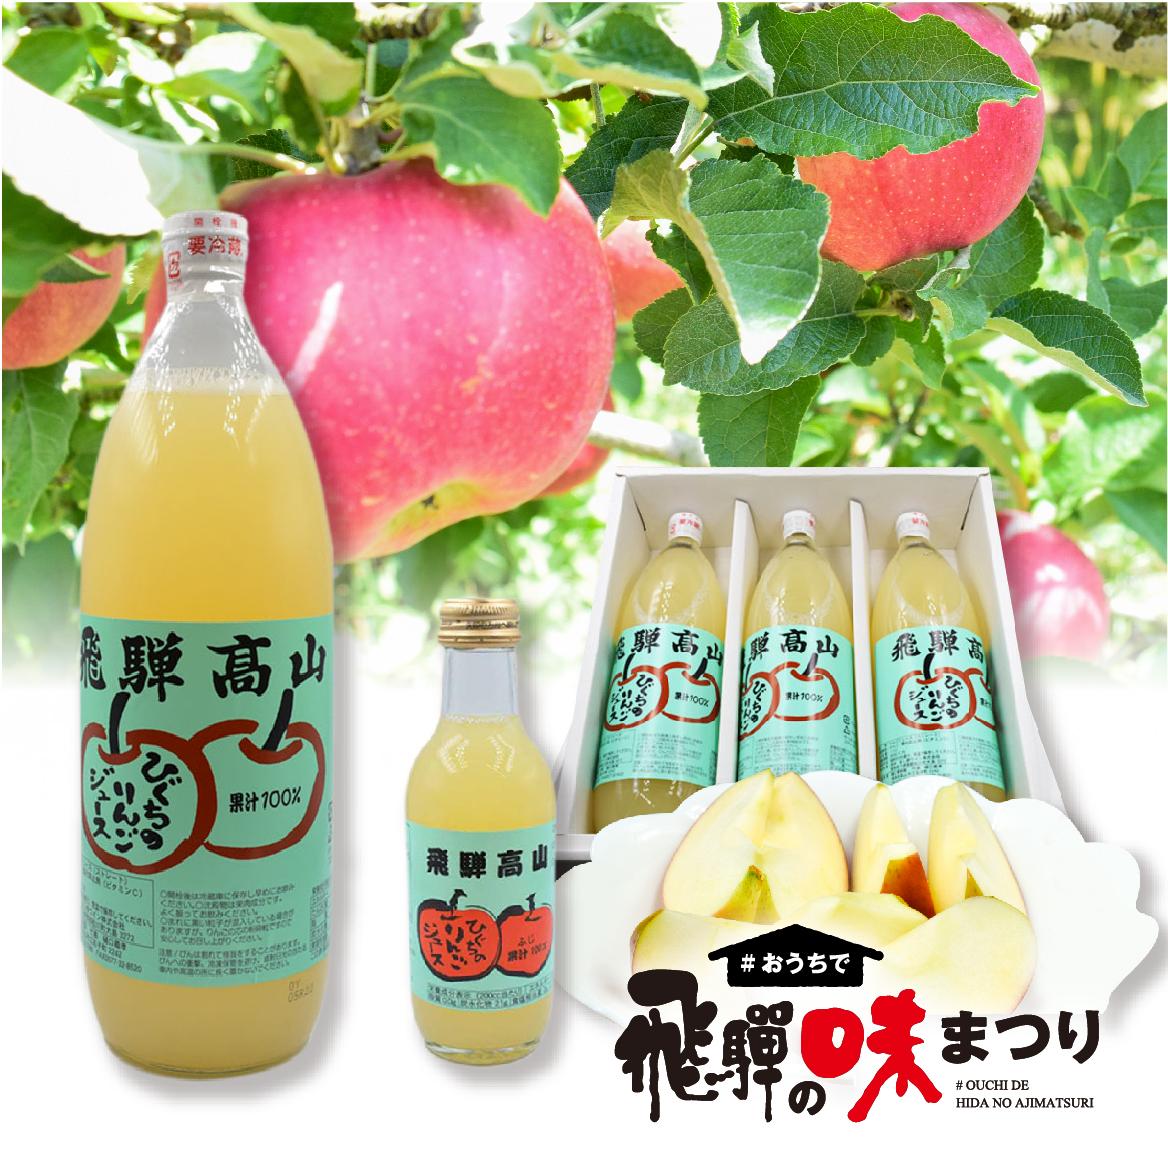 樋口果樹園の商品画像